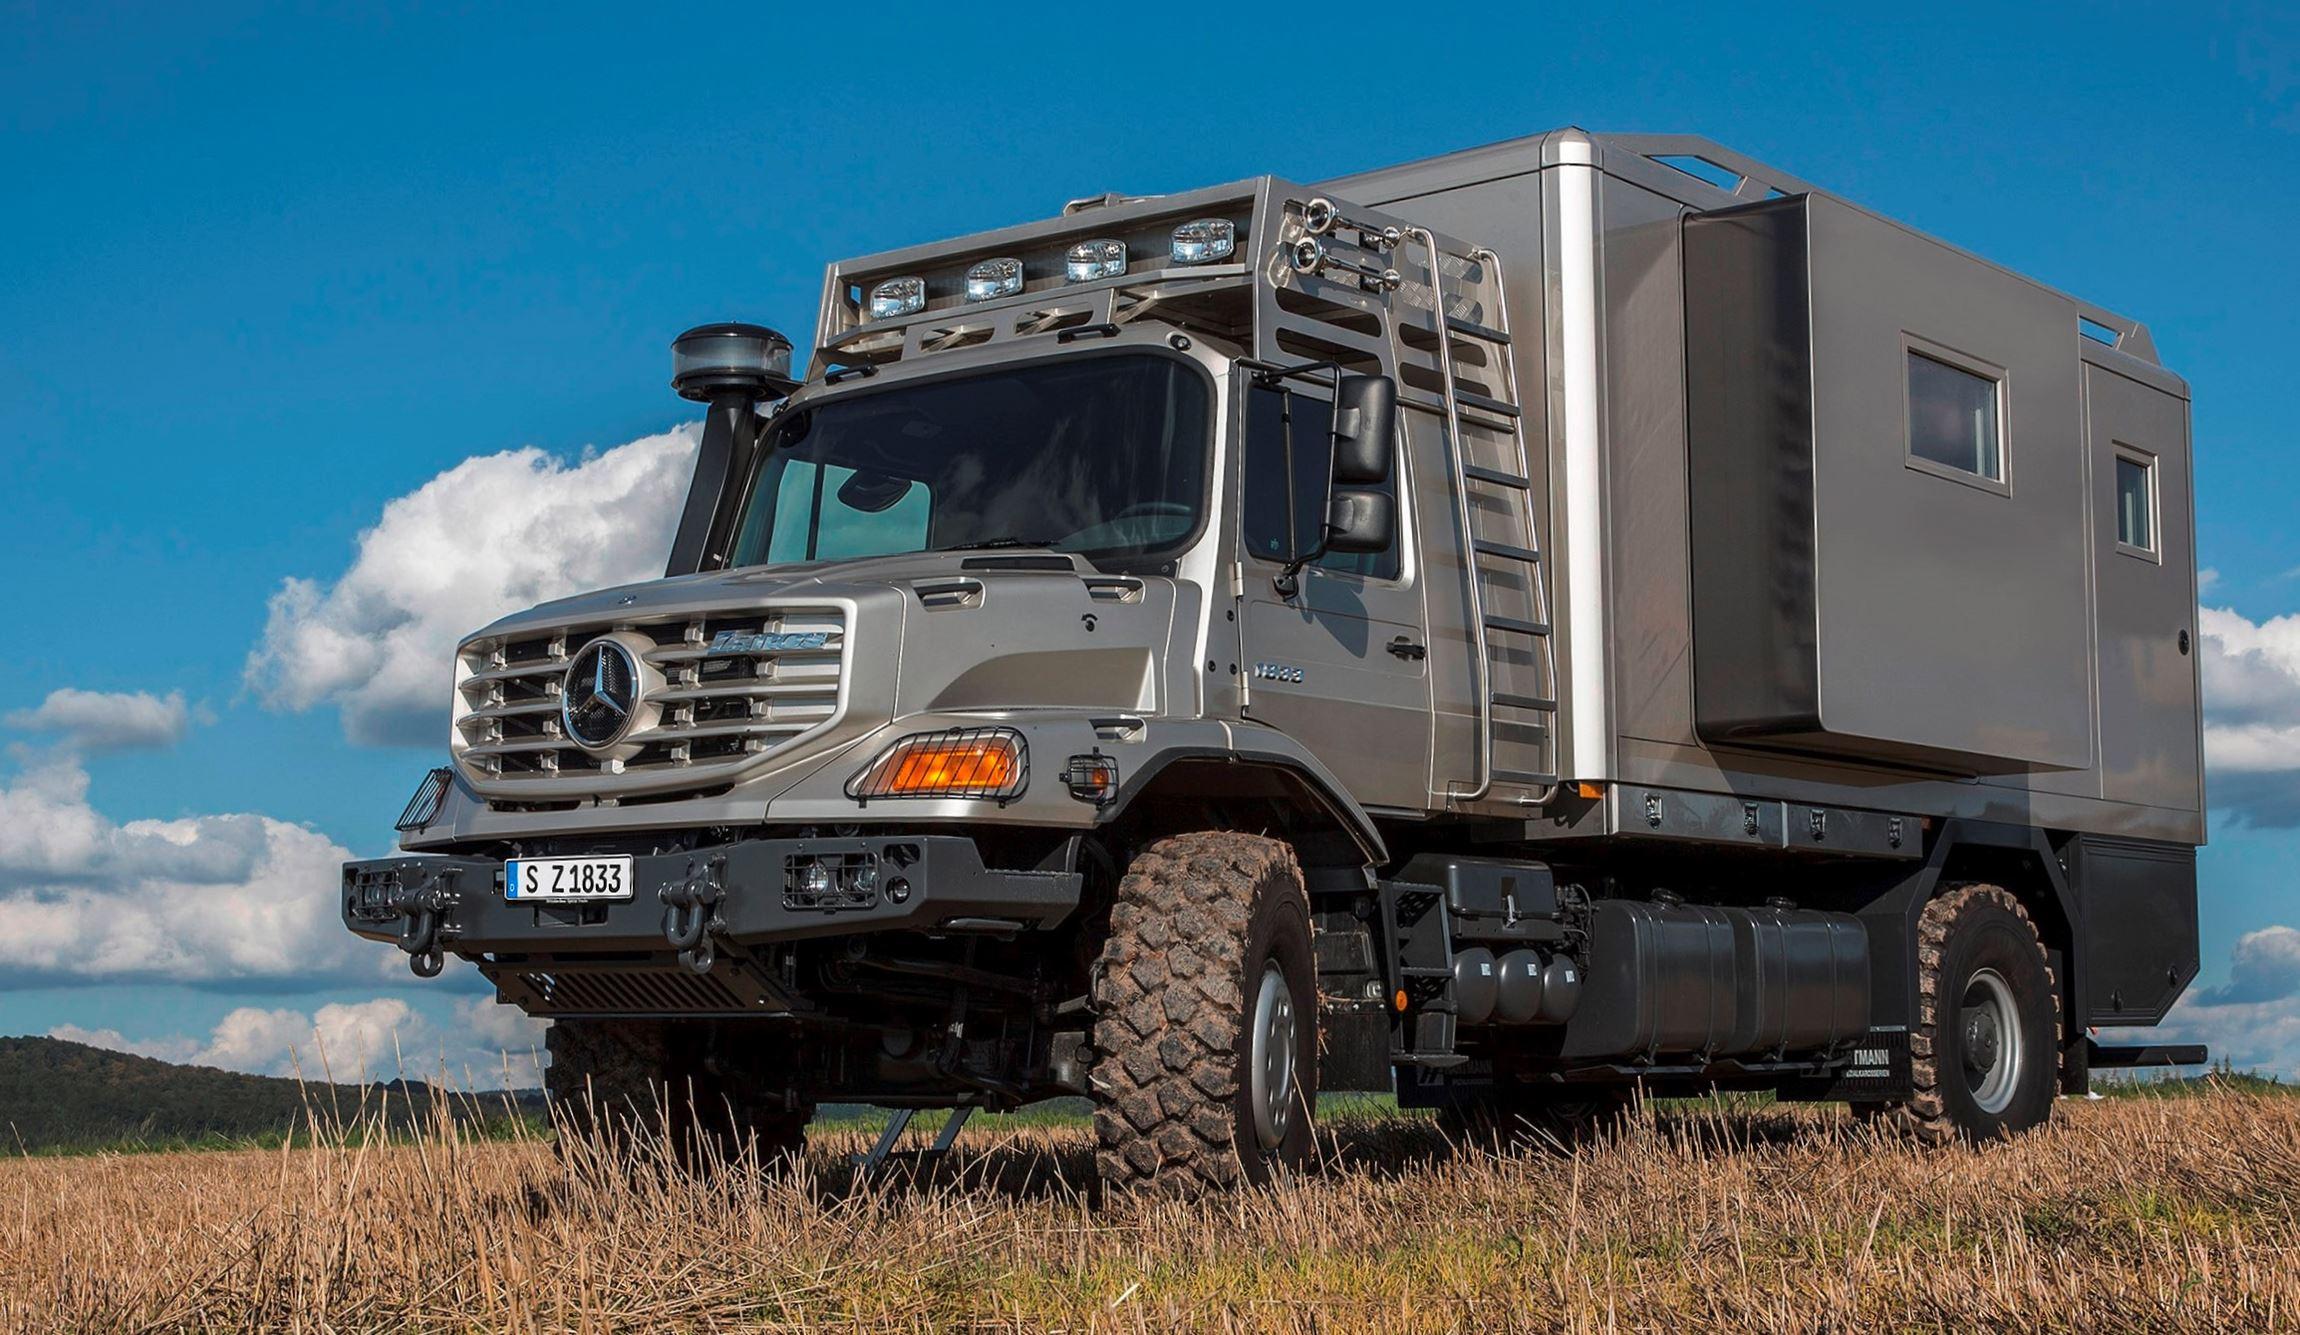 Rv Mercedes >> 2016 Mercedes-Benz ZETROS - Next-Gen Heavy Hauler Combines 6x6 Grip, 110-Ton Max GVWR